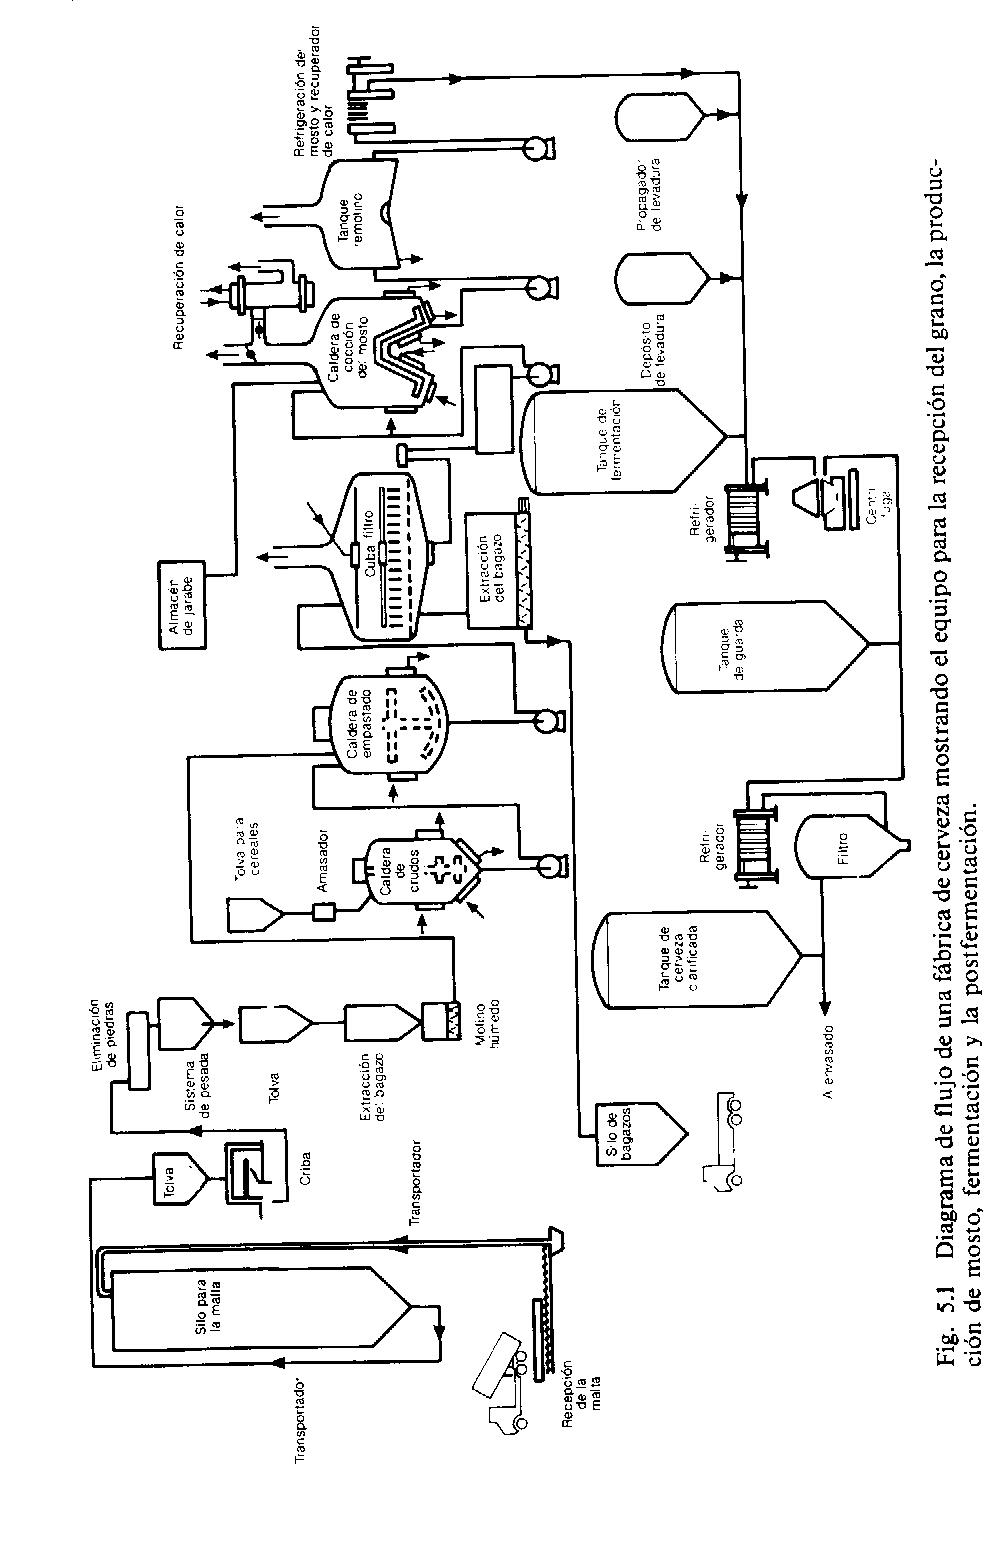 'Diagrama de flujo de una f�brica de cerveza'